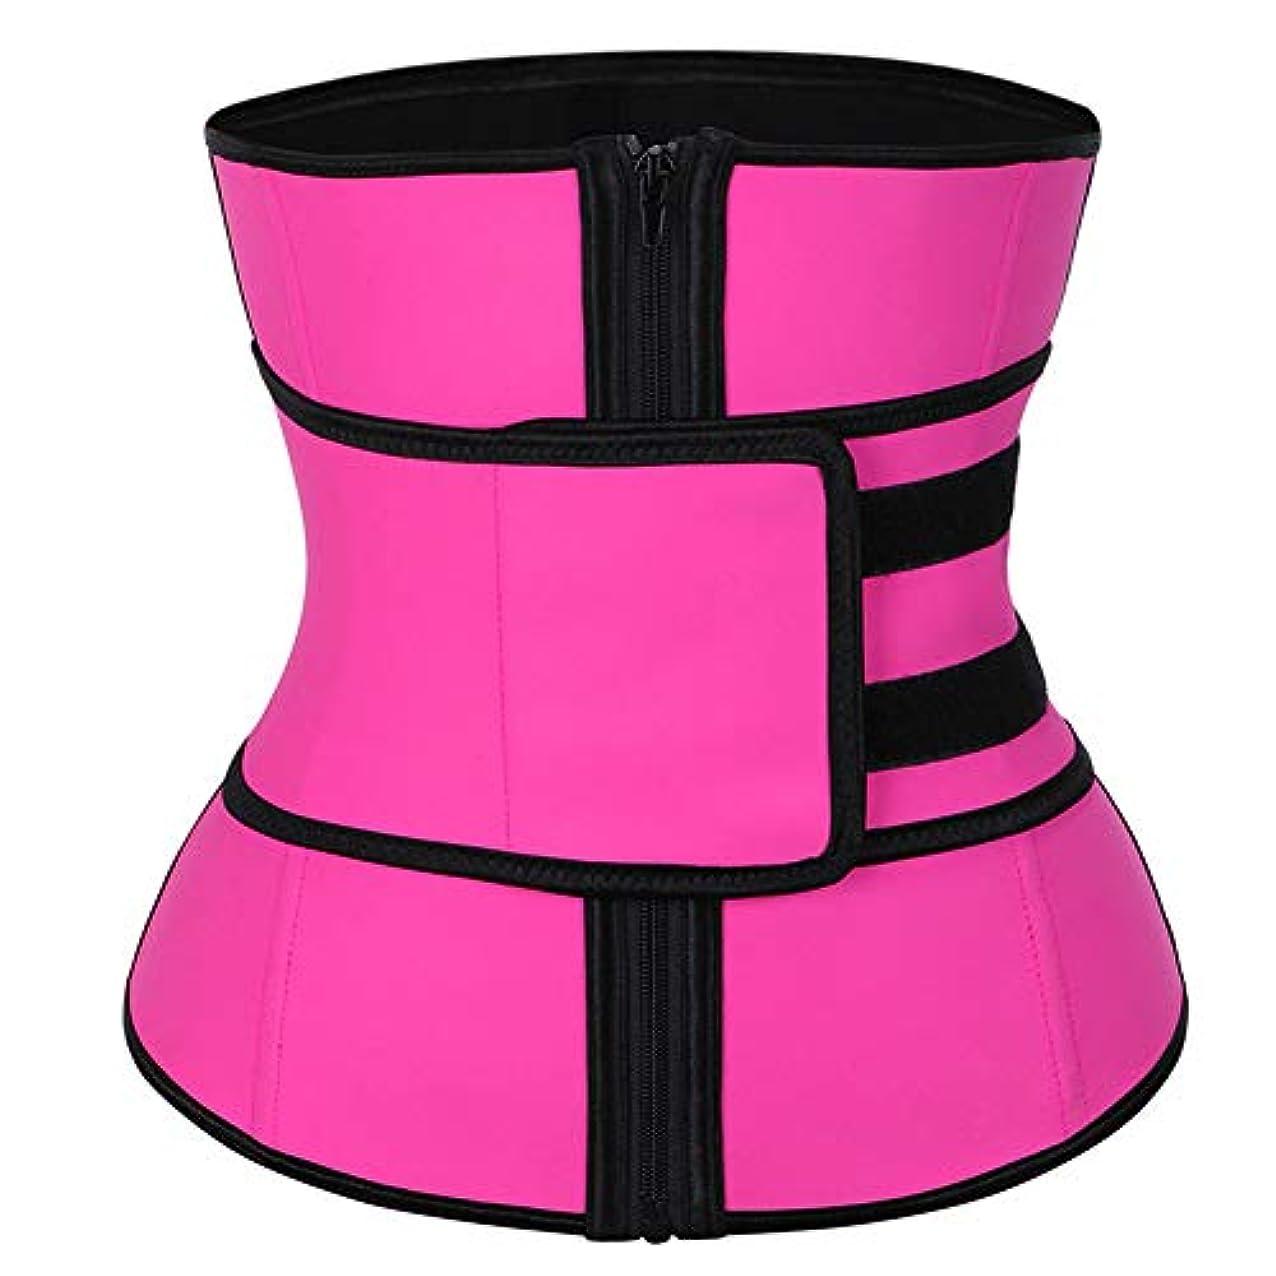 アクティビティ処理する冷ややかな女性のウエストトレーニングコルセットコルセットネオプレン付きジッパーウエストスリムベルトラテックスラテックス通気性ウエストボディシェイプ,Pink,XL